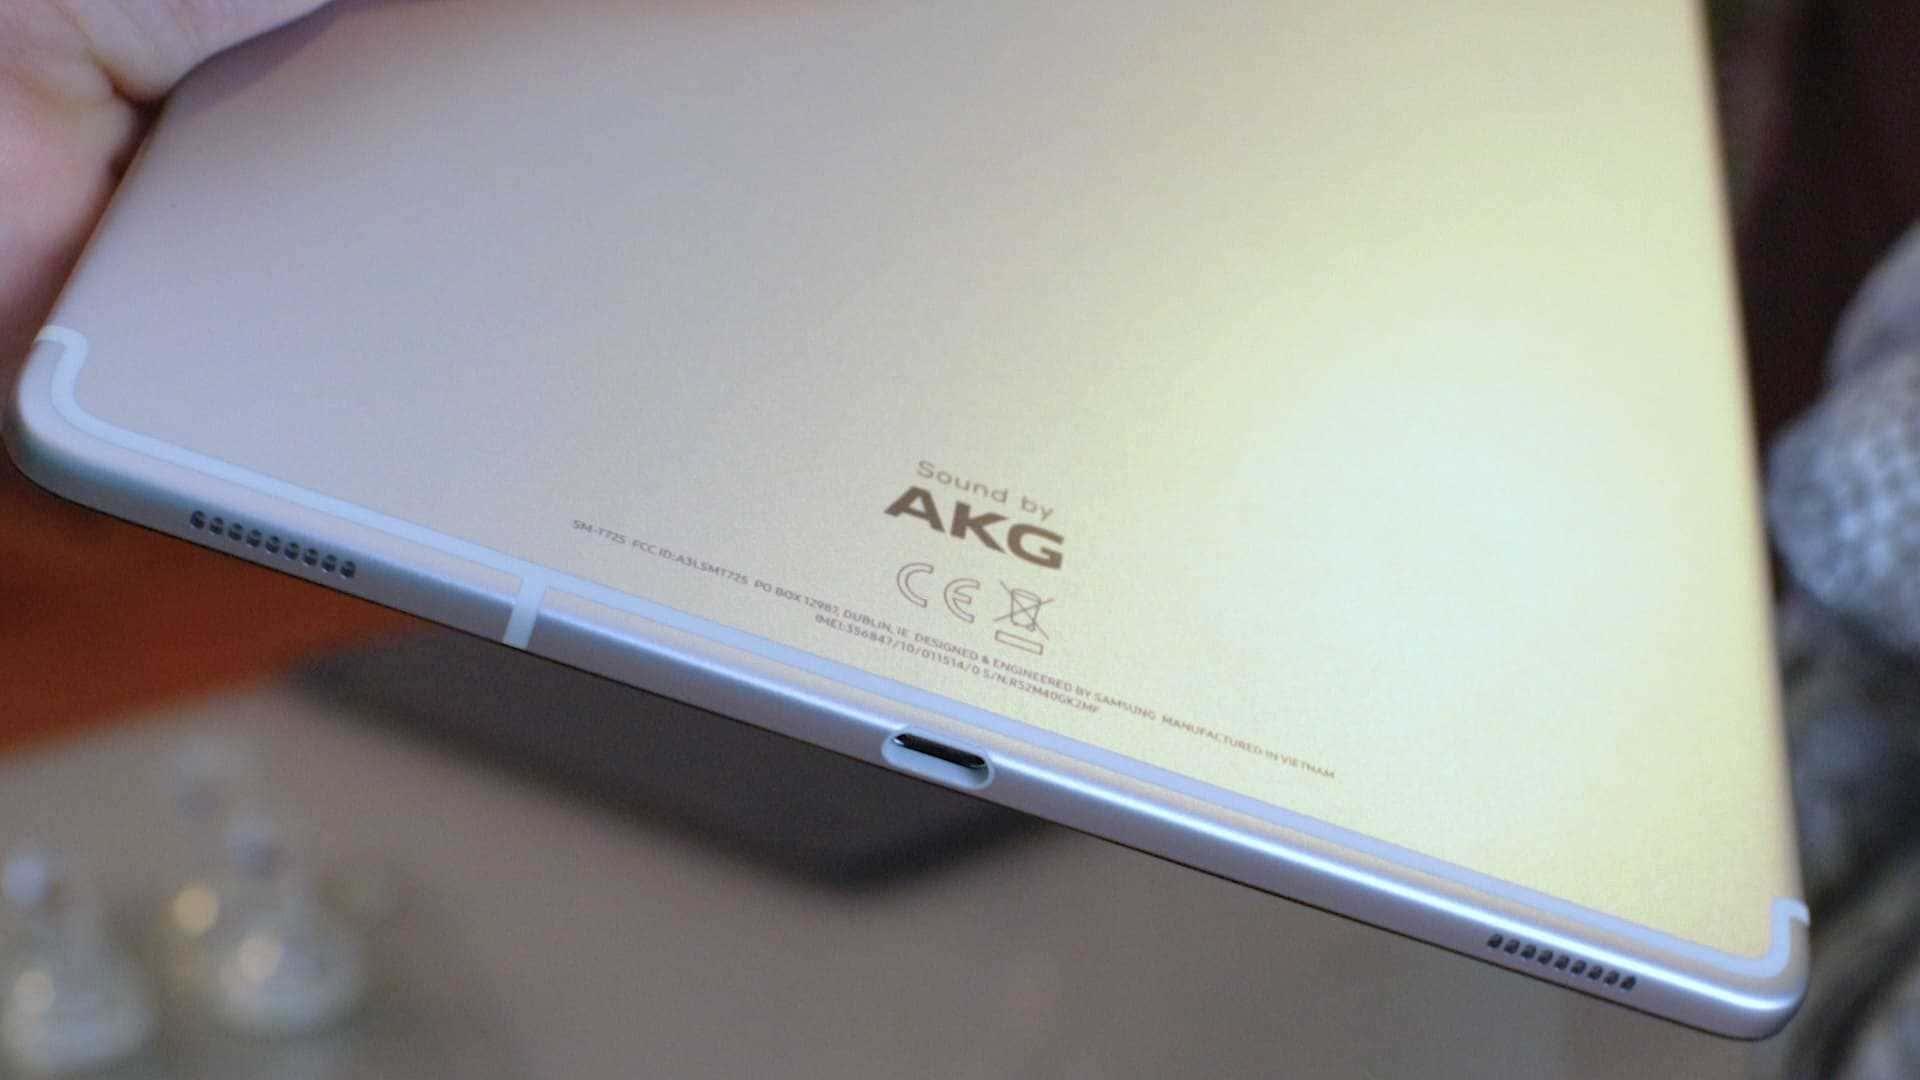 Sonido-AKG-Galaxy-Tab-S5e